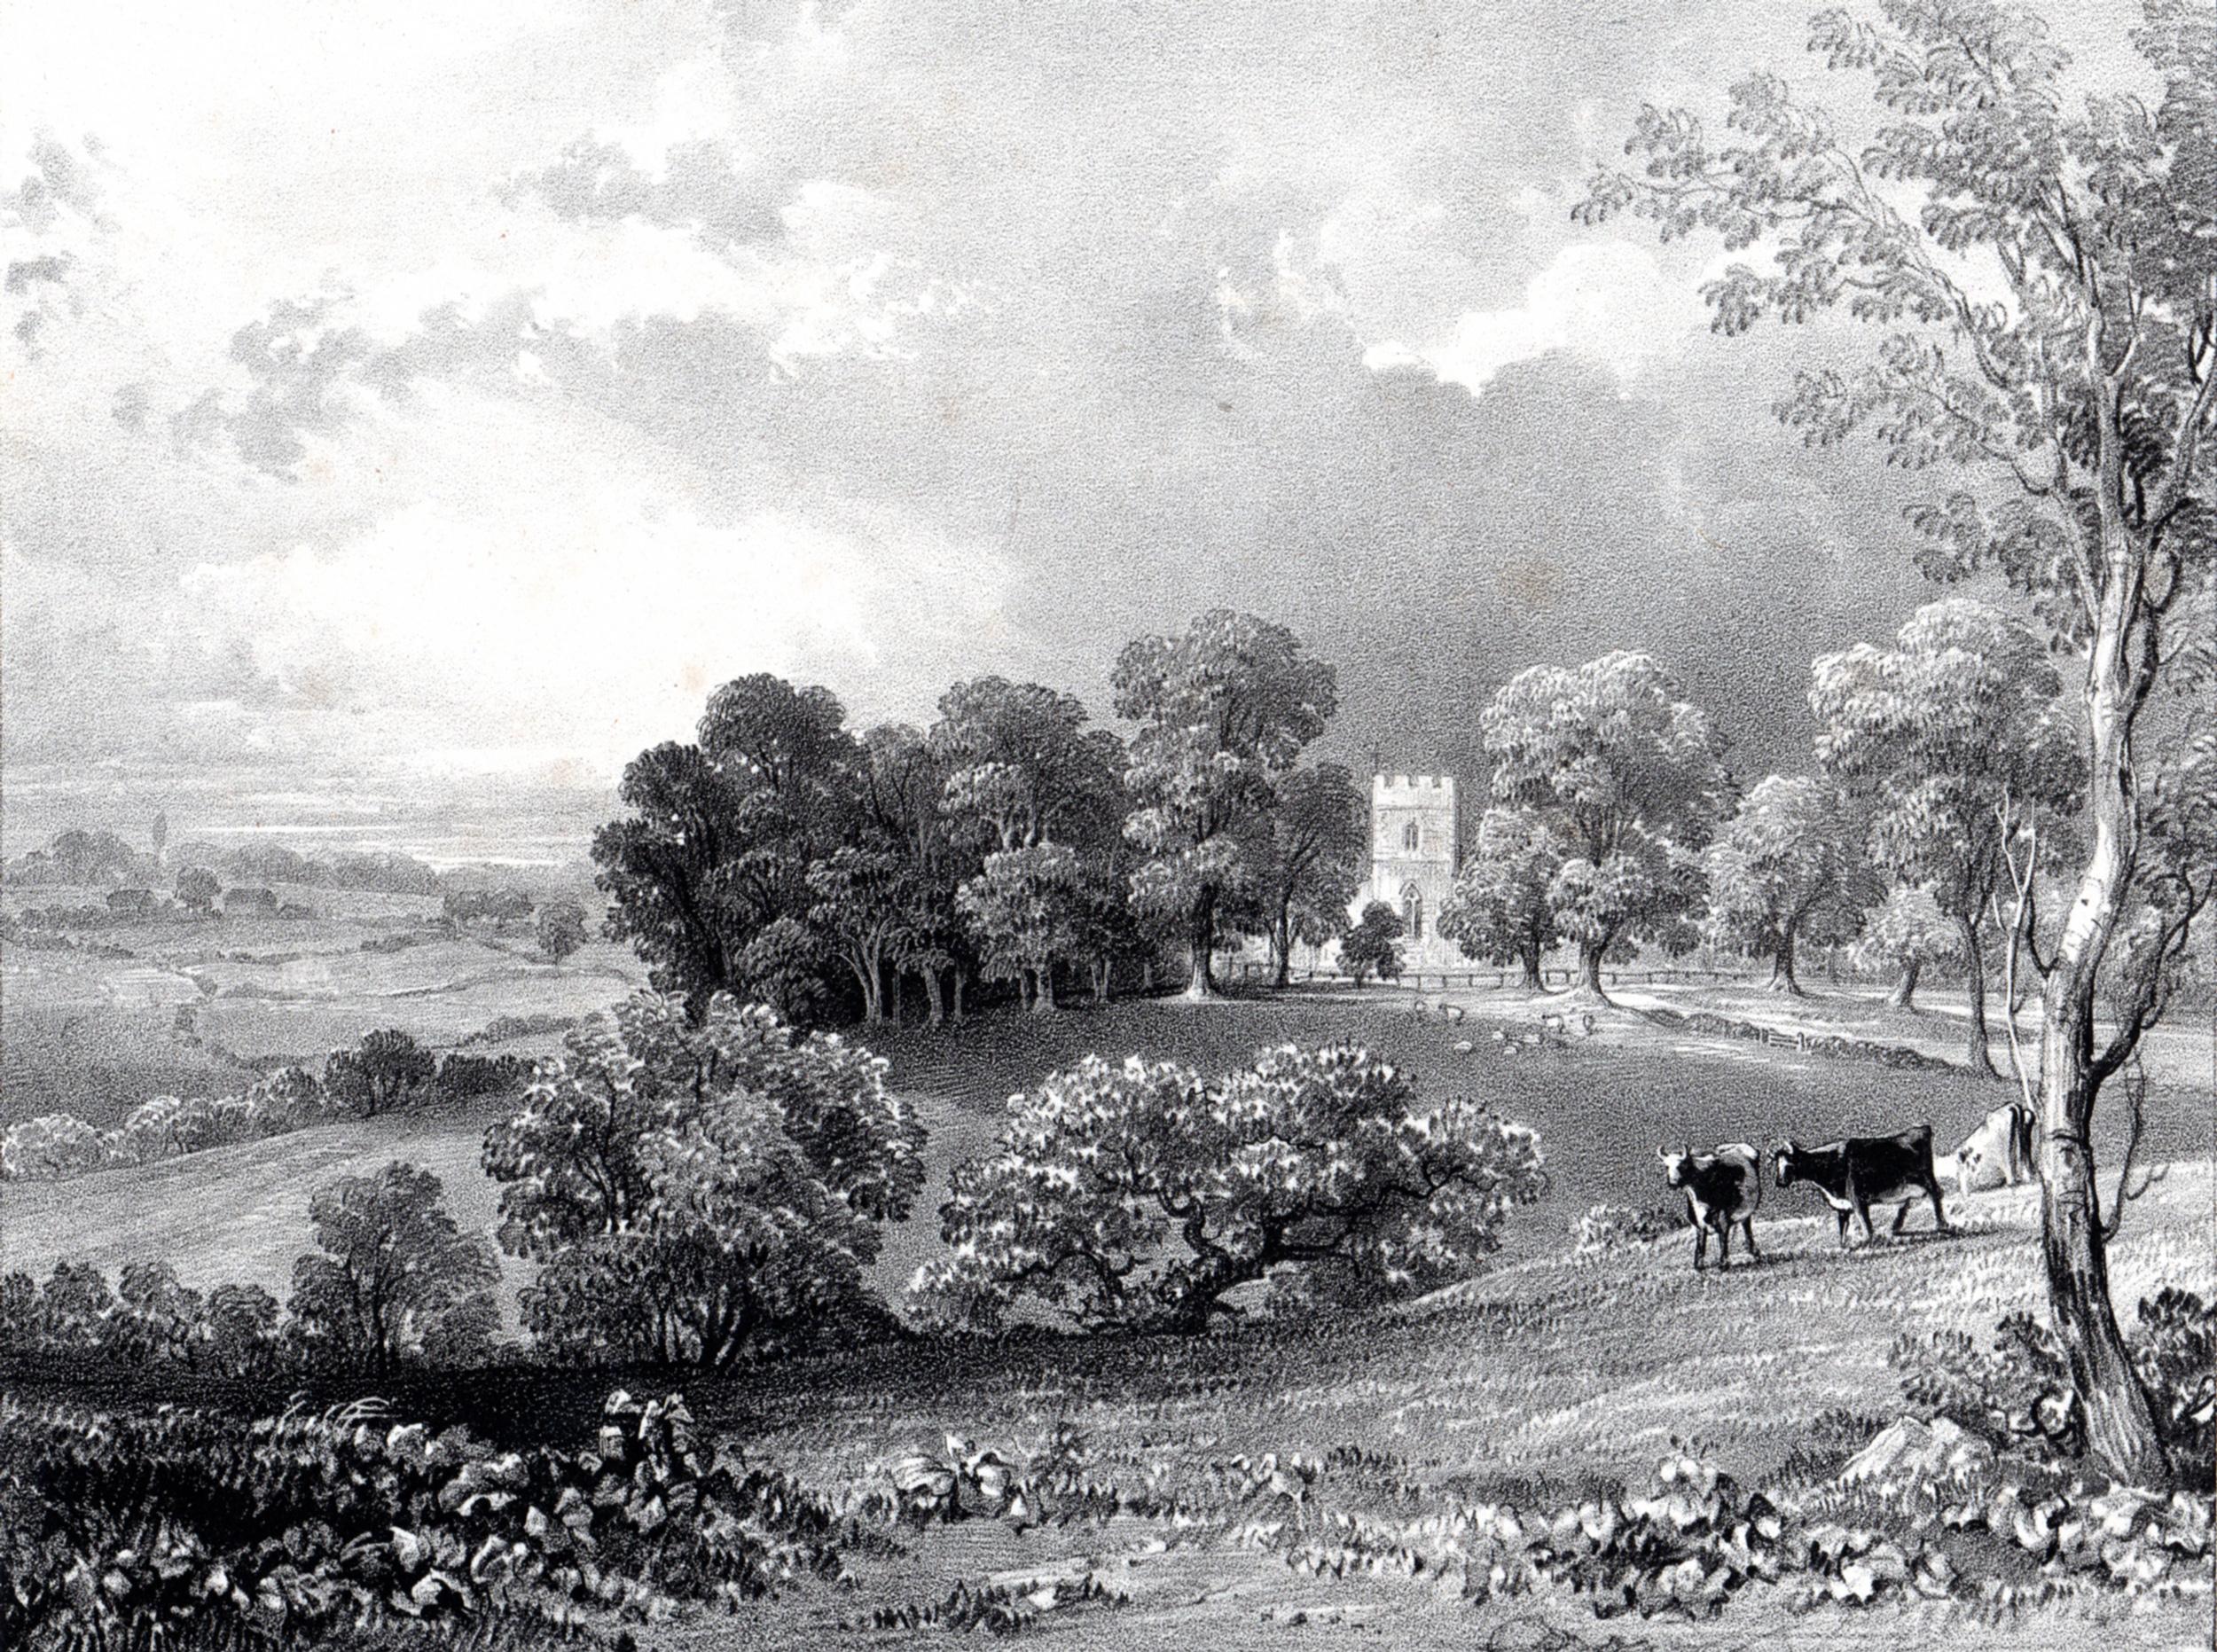 Haghe, Louis / Views in Lymington